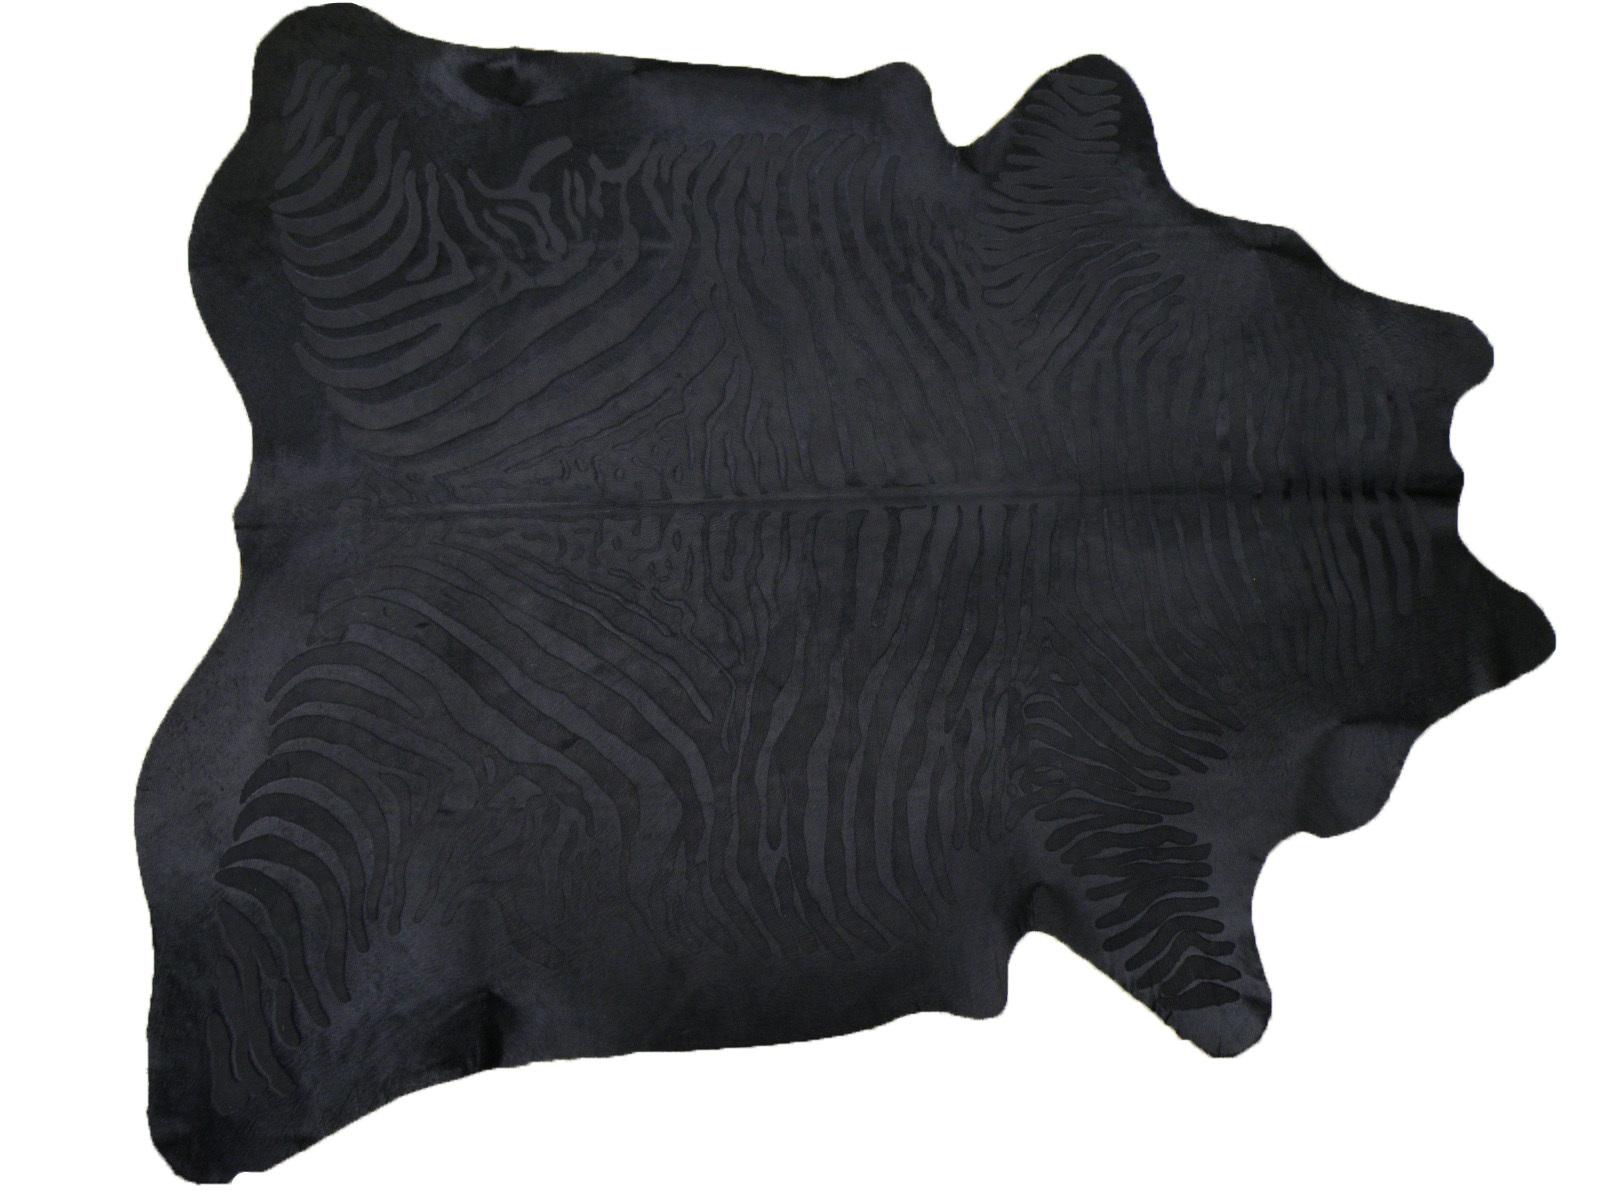 """Шкура коровы """"Зебра черная"""" на черном фоне 25320"""